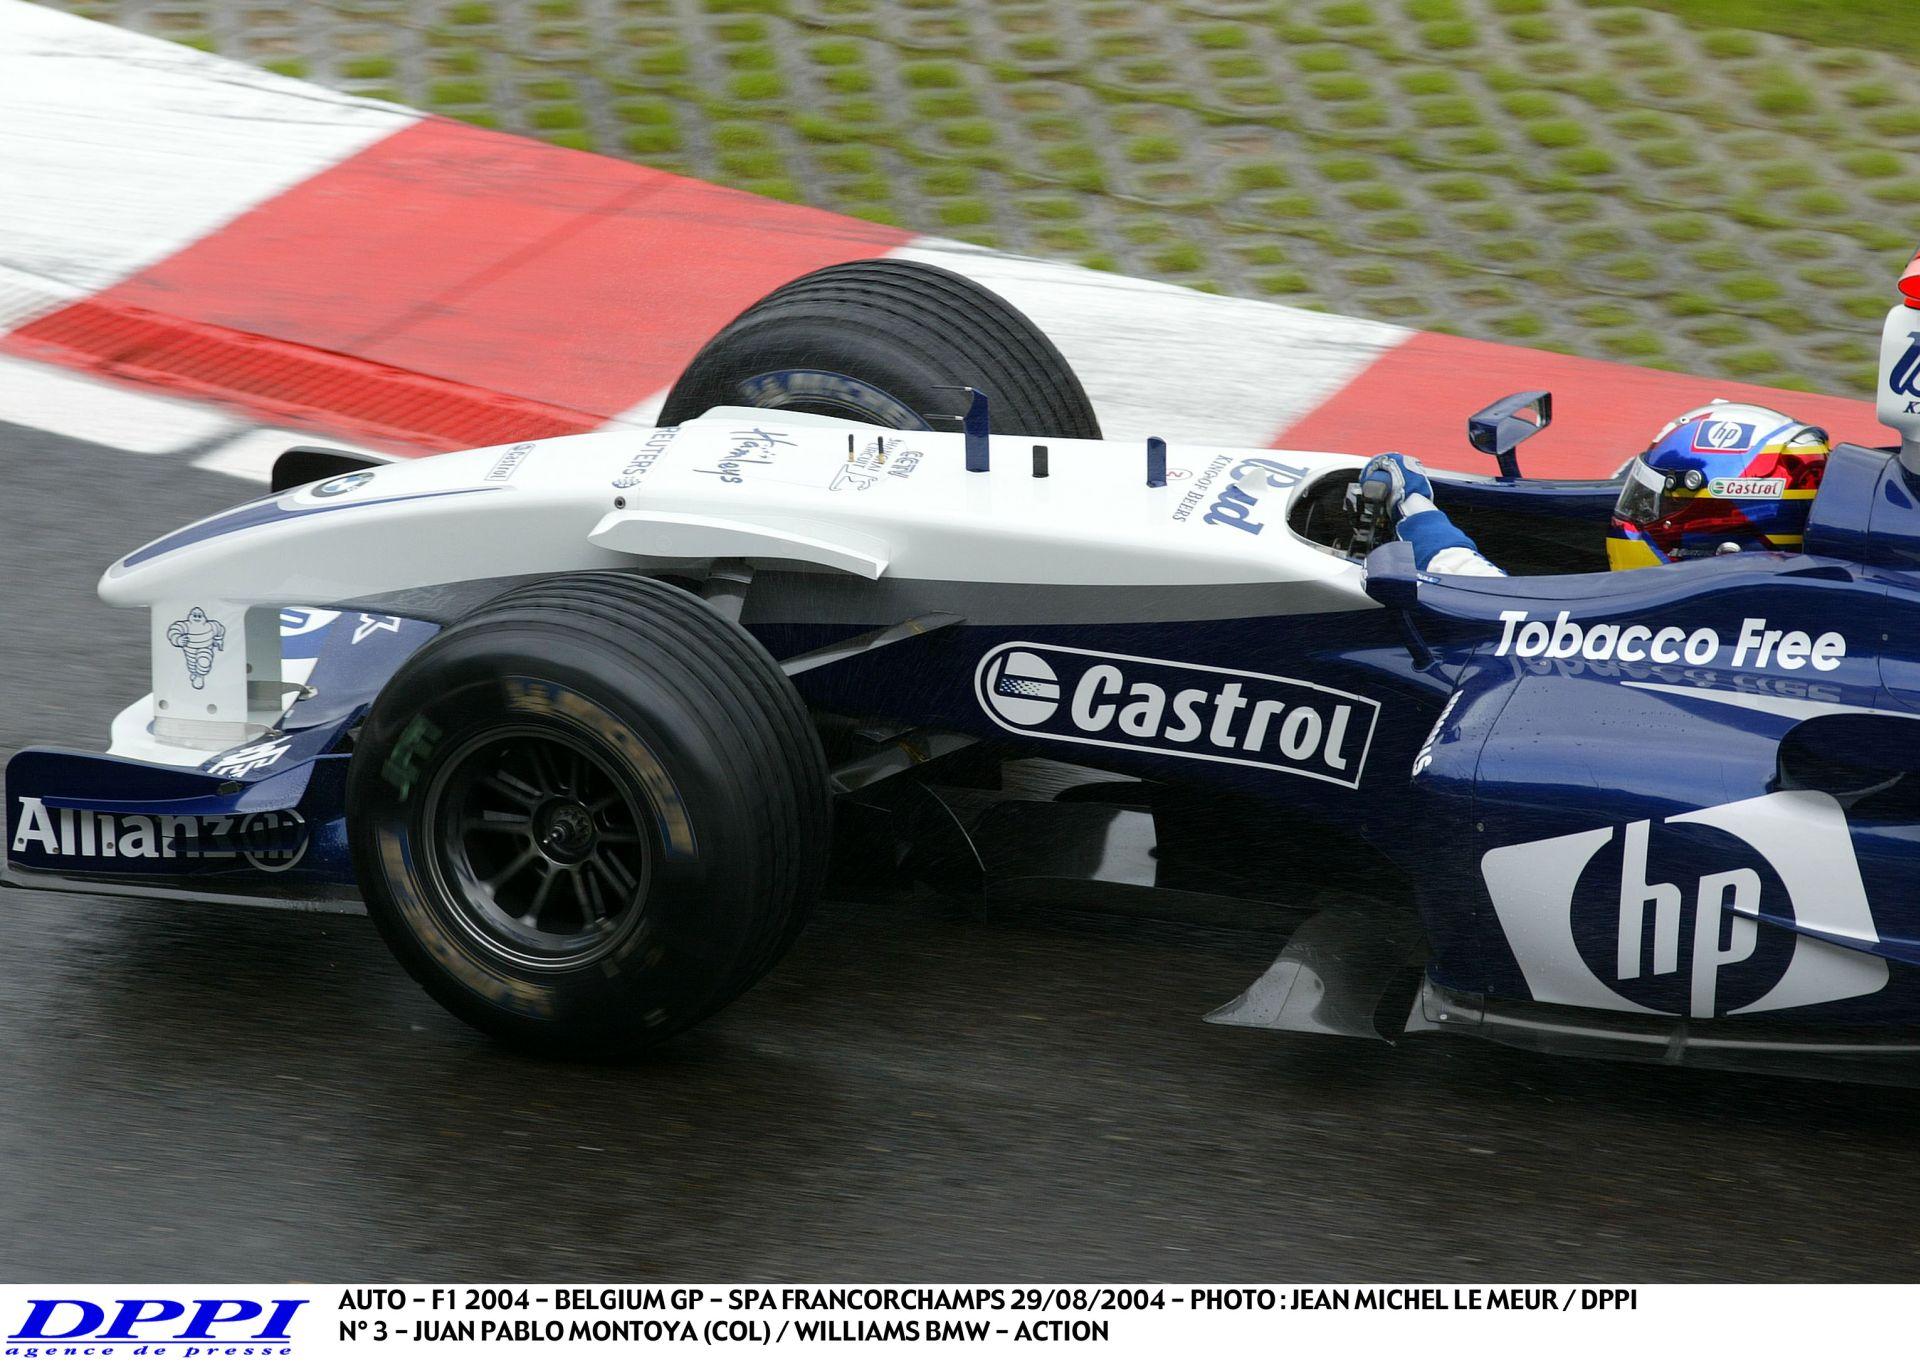 Jobban szól, mint bármi más: 14 perc V10-es F1-es hang Montoyával Spa-ban